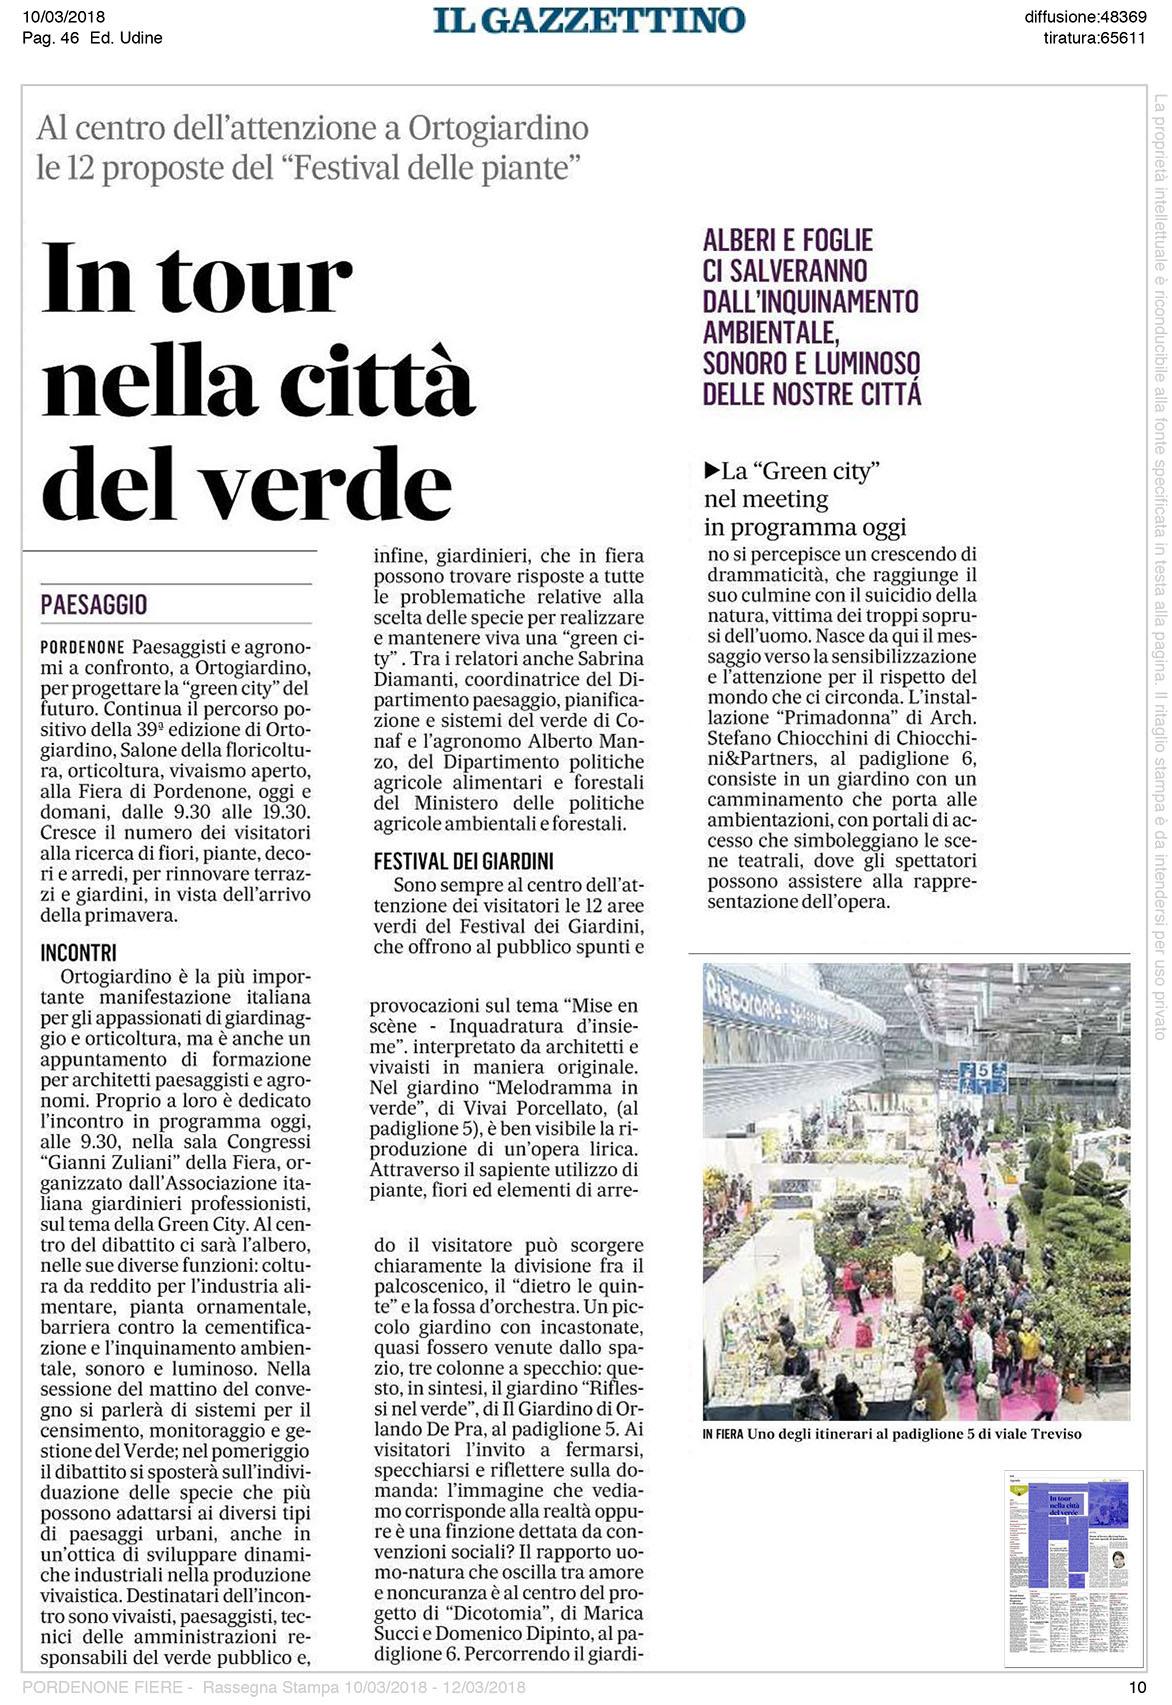 03-10-ilGazzetino-Udine